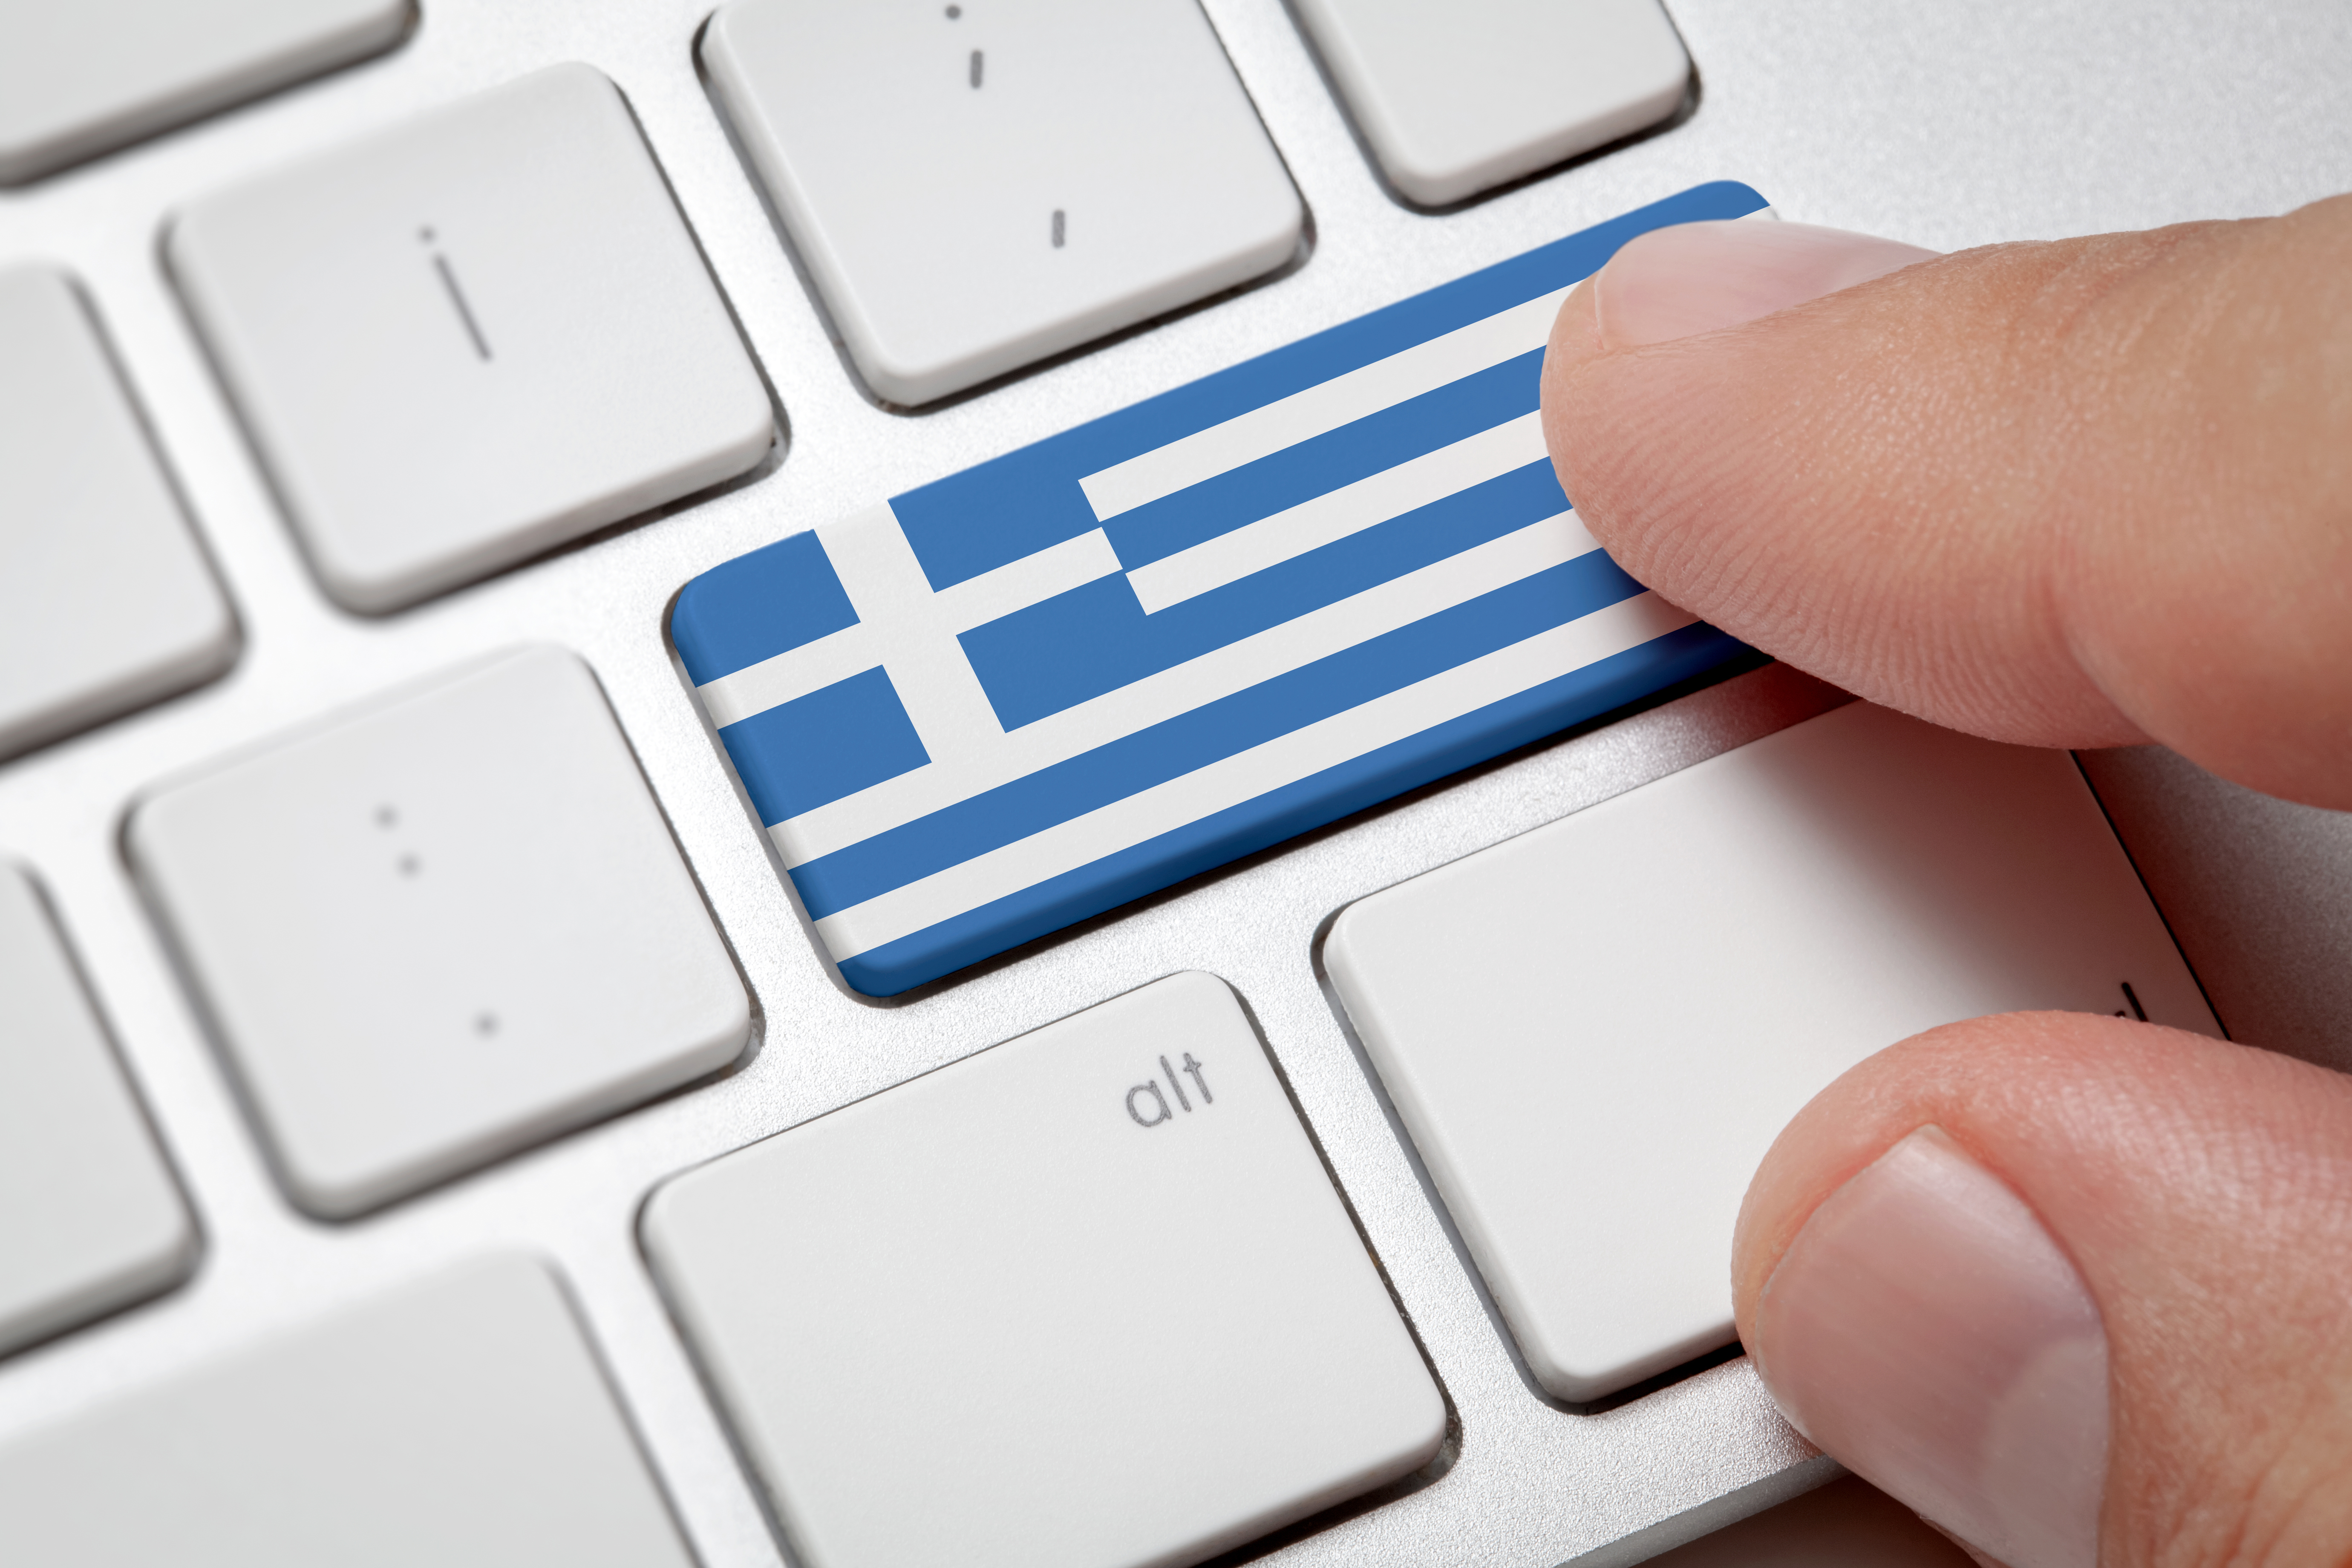 Клавиатура и флаг Греции, работа в которой доступна для русских